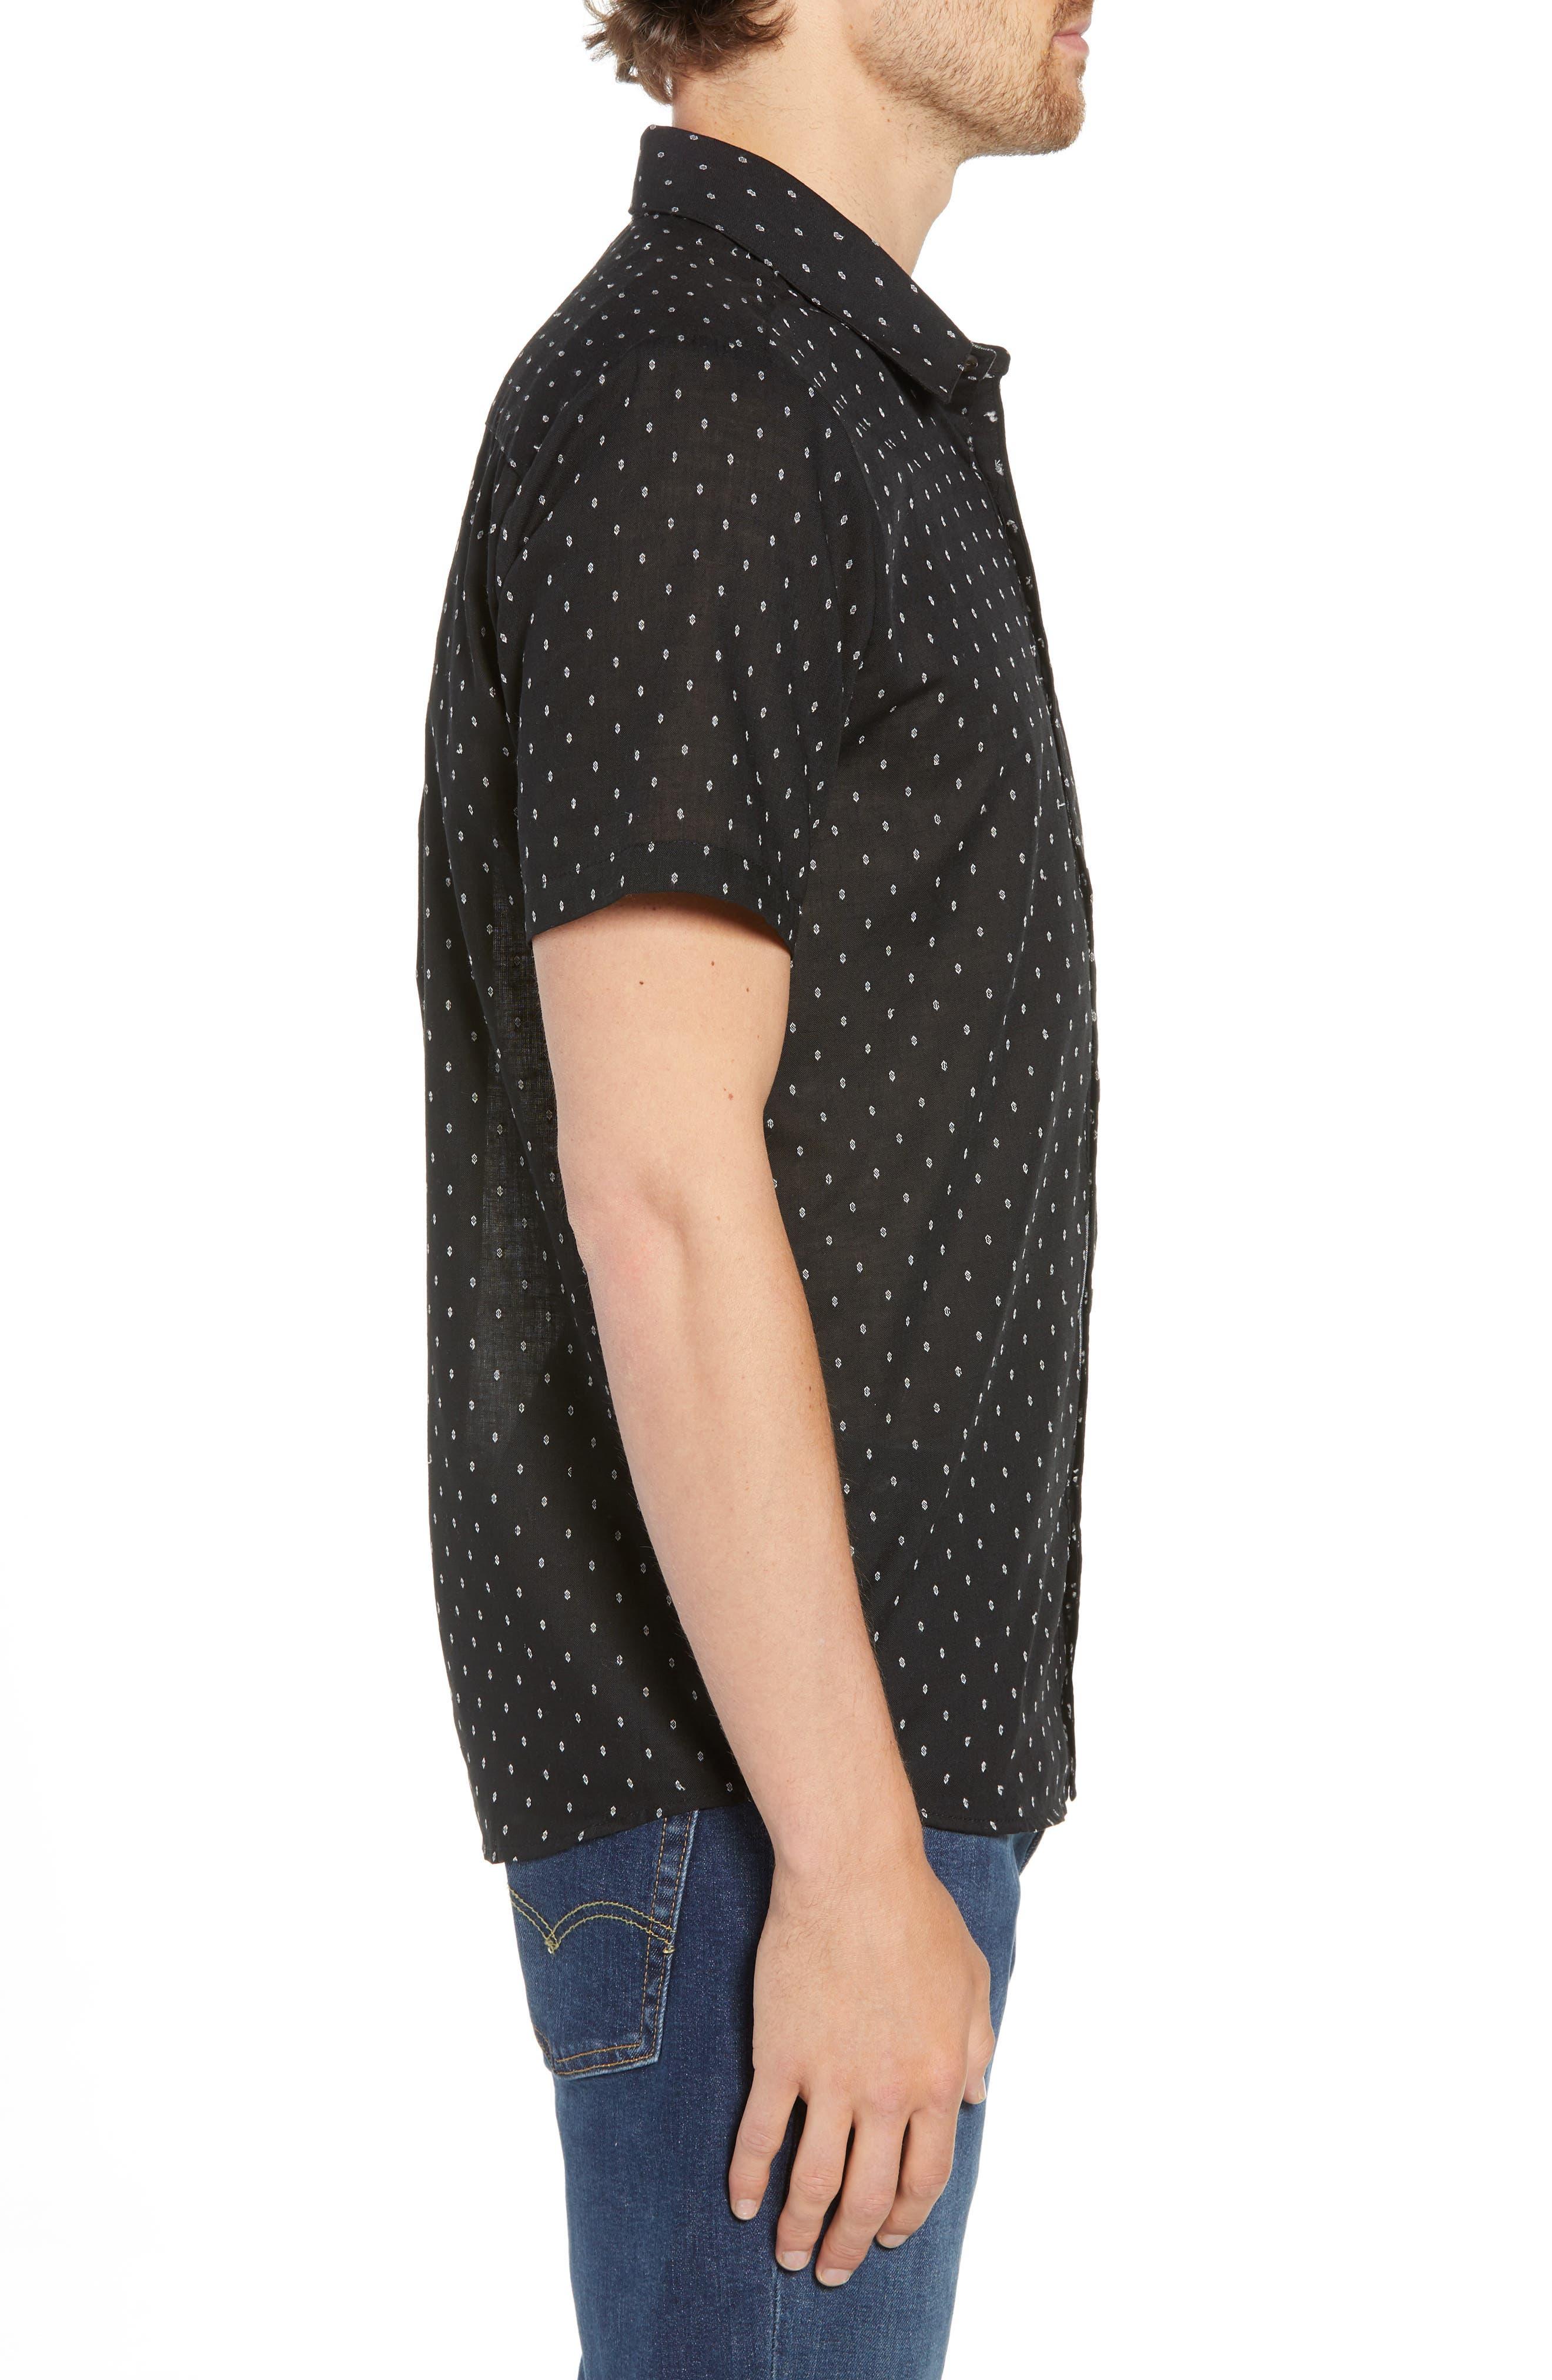 Dobler Woven Shirt,                             Alternate thumbnail 3, color,                             001